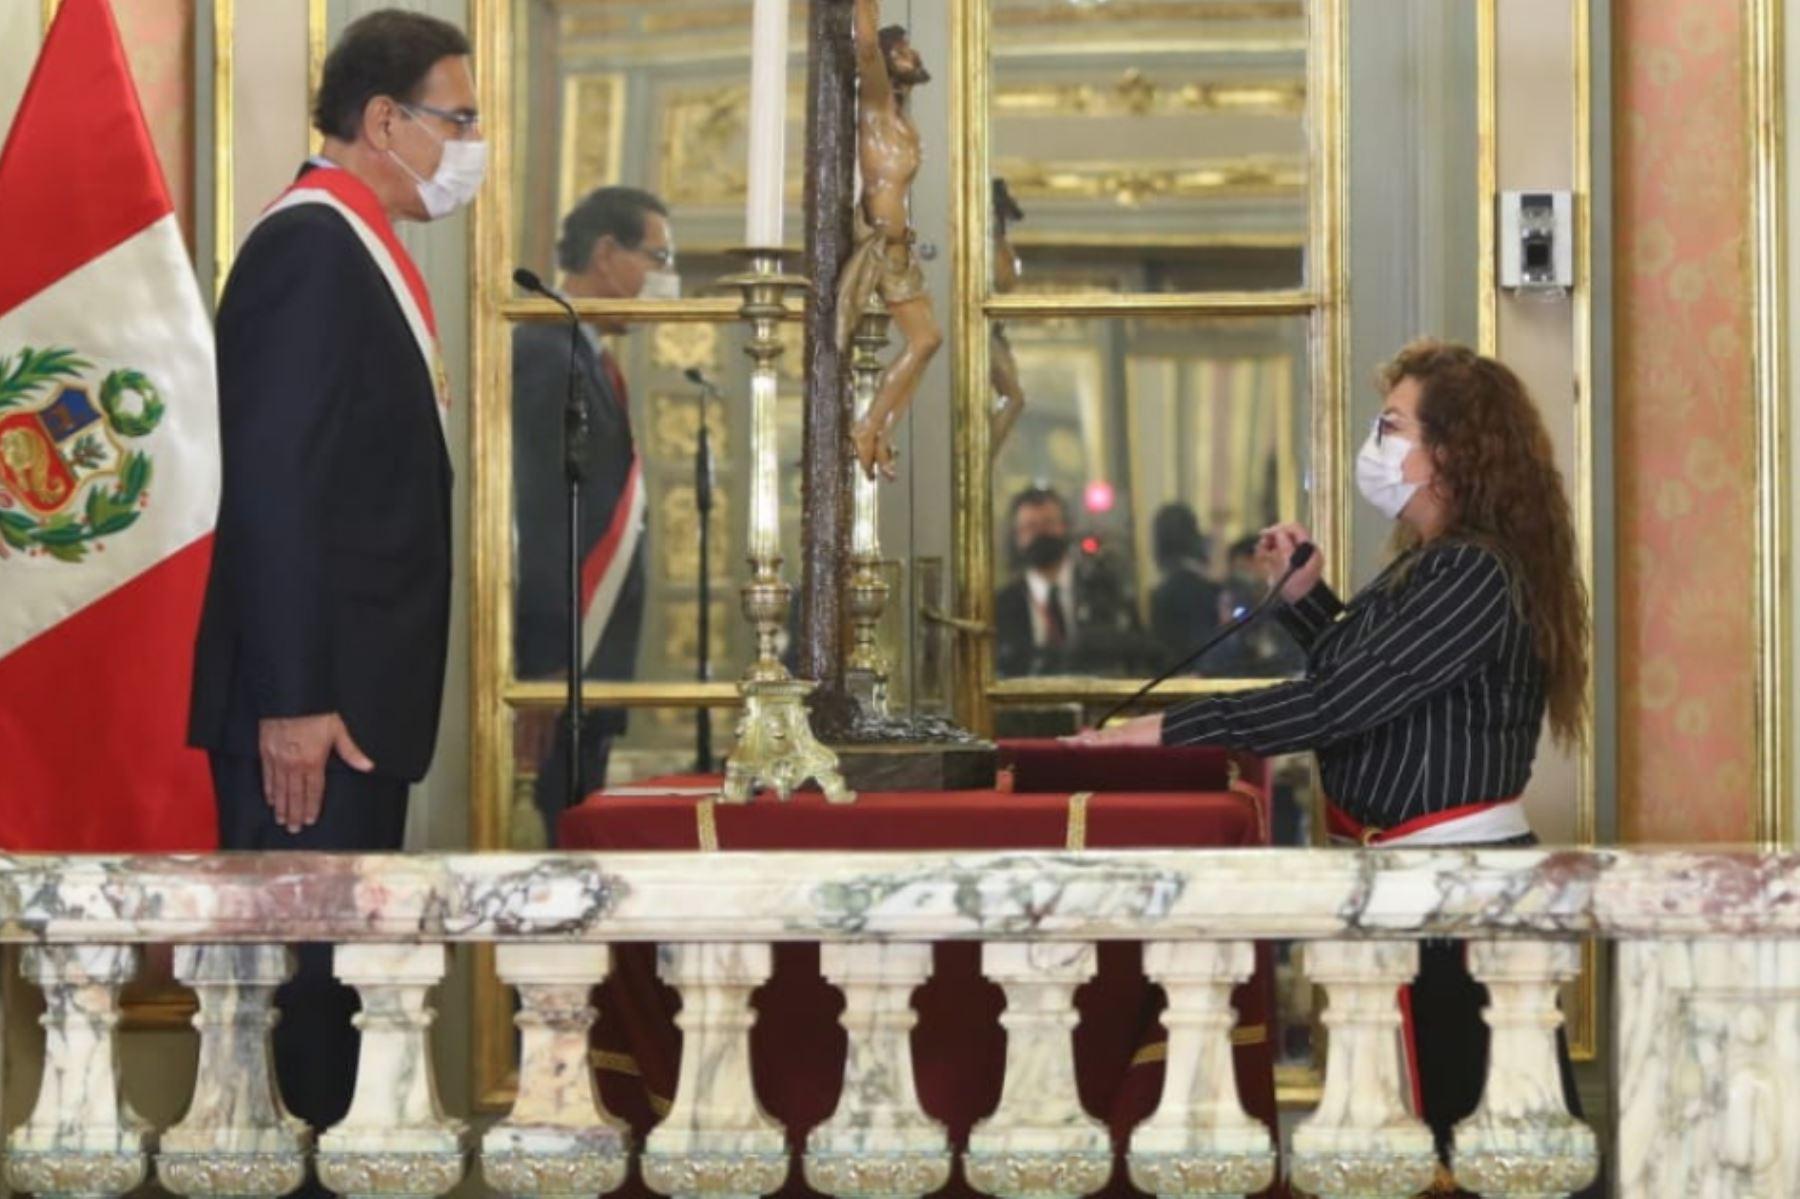 El presidente de la República, Martín Vizcarra, toma juramento a Kirla Echegaray como ministra de Ambiente.  Foto: ANDINA/ Prensa Presidencia